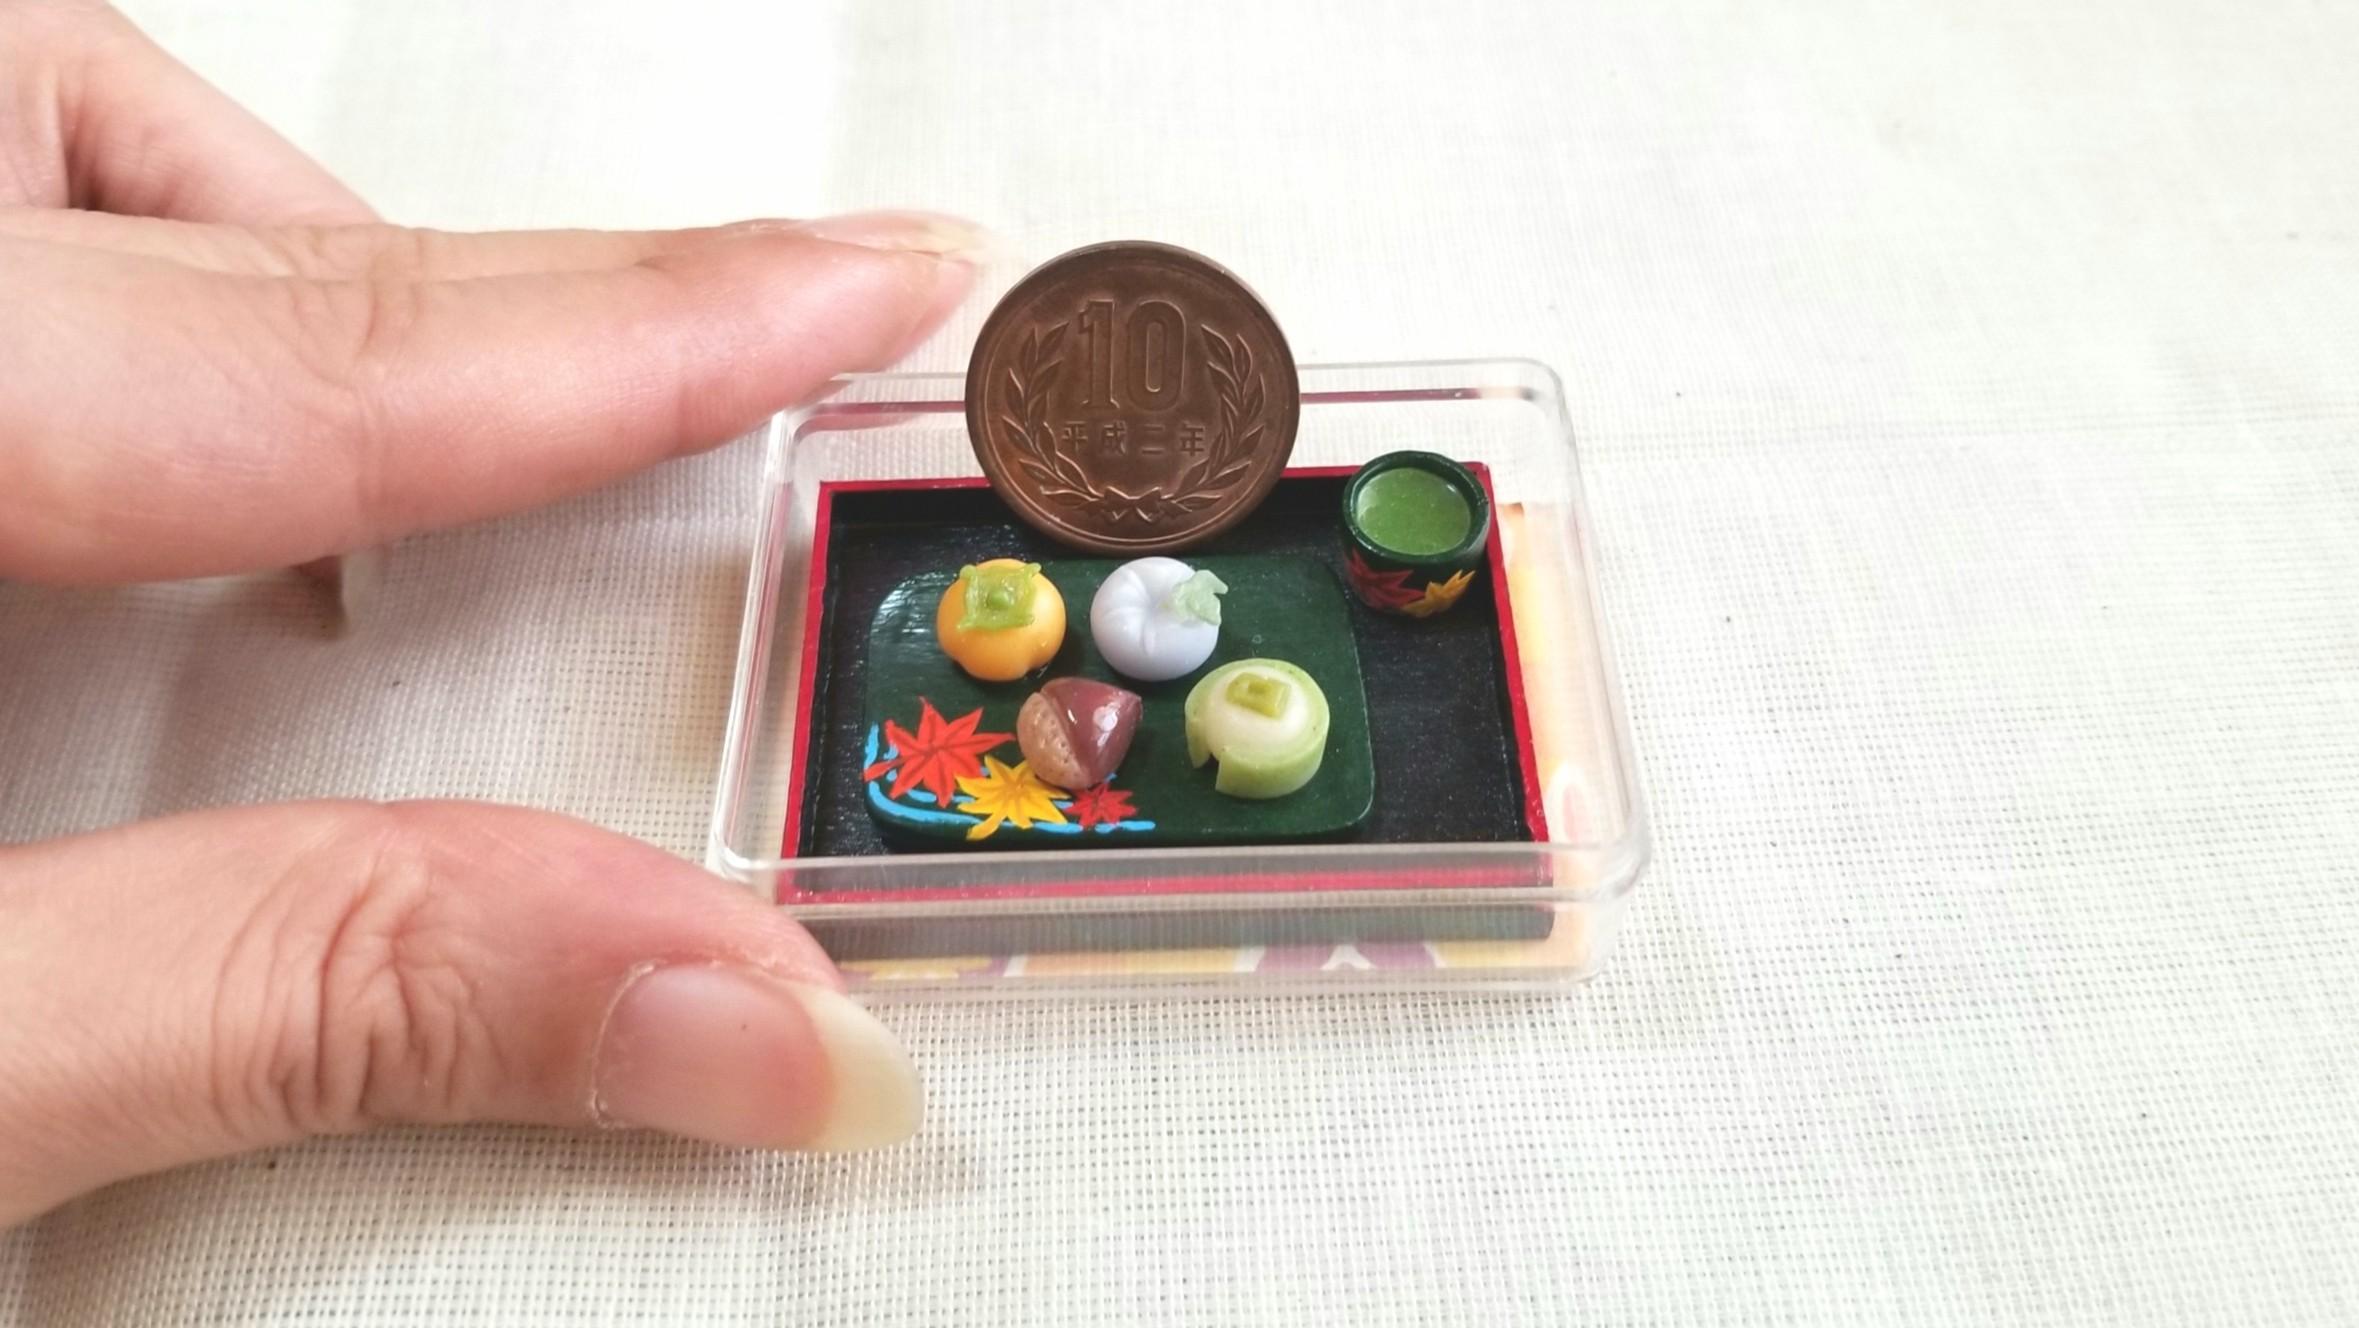 ミニチュア和菓子,樹脂粘土,かわいいドール小物,おもちゃ,ミンネ販売